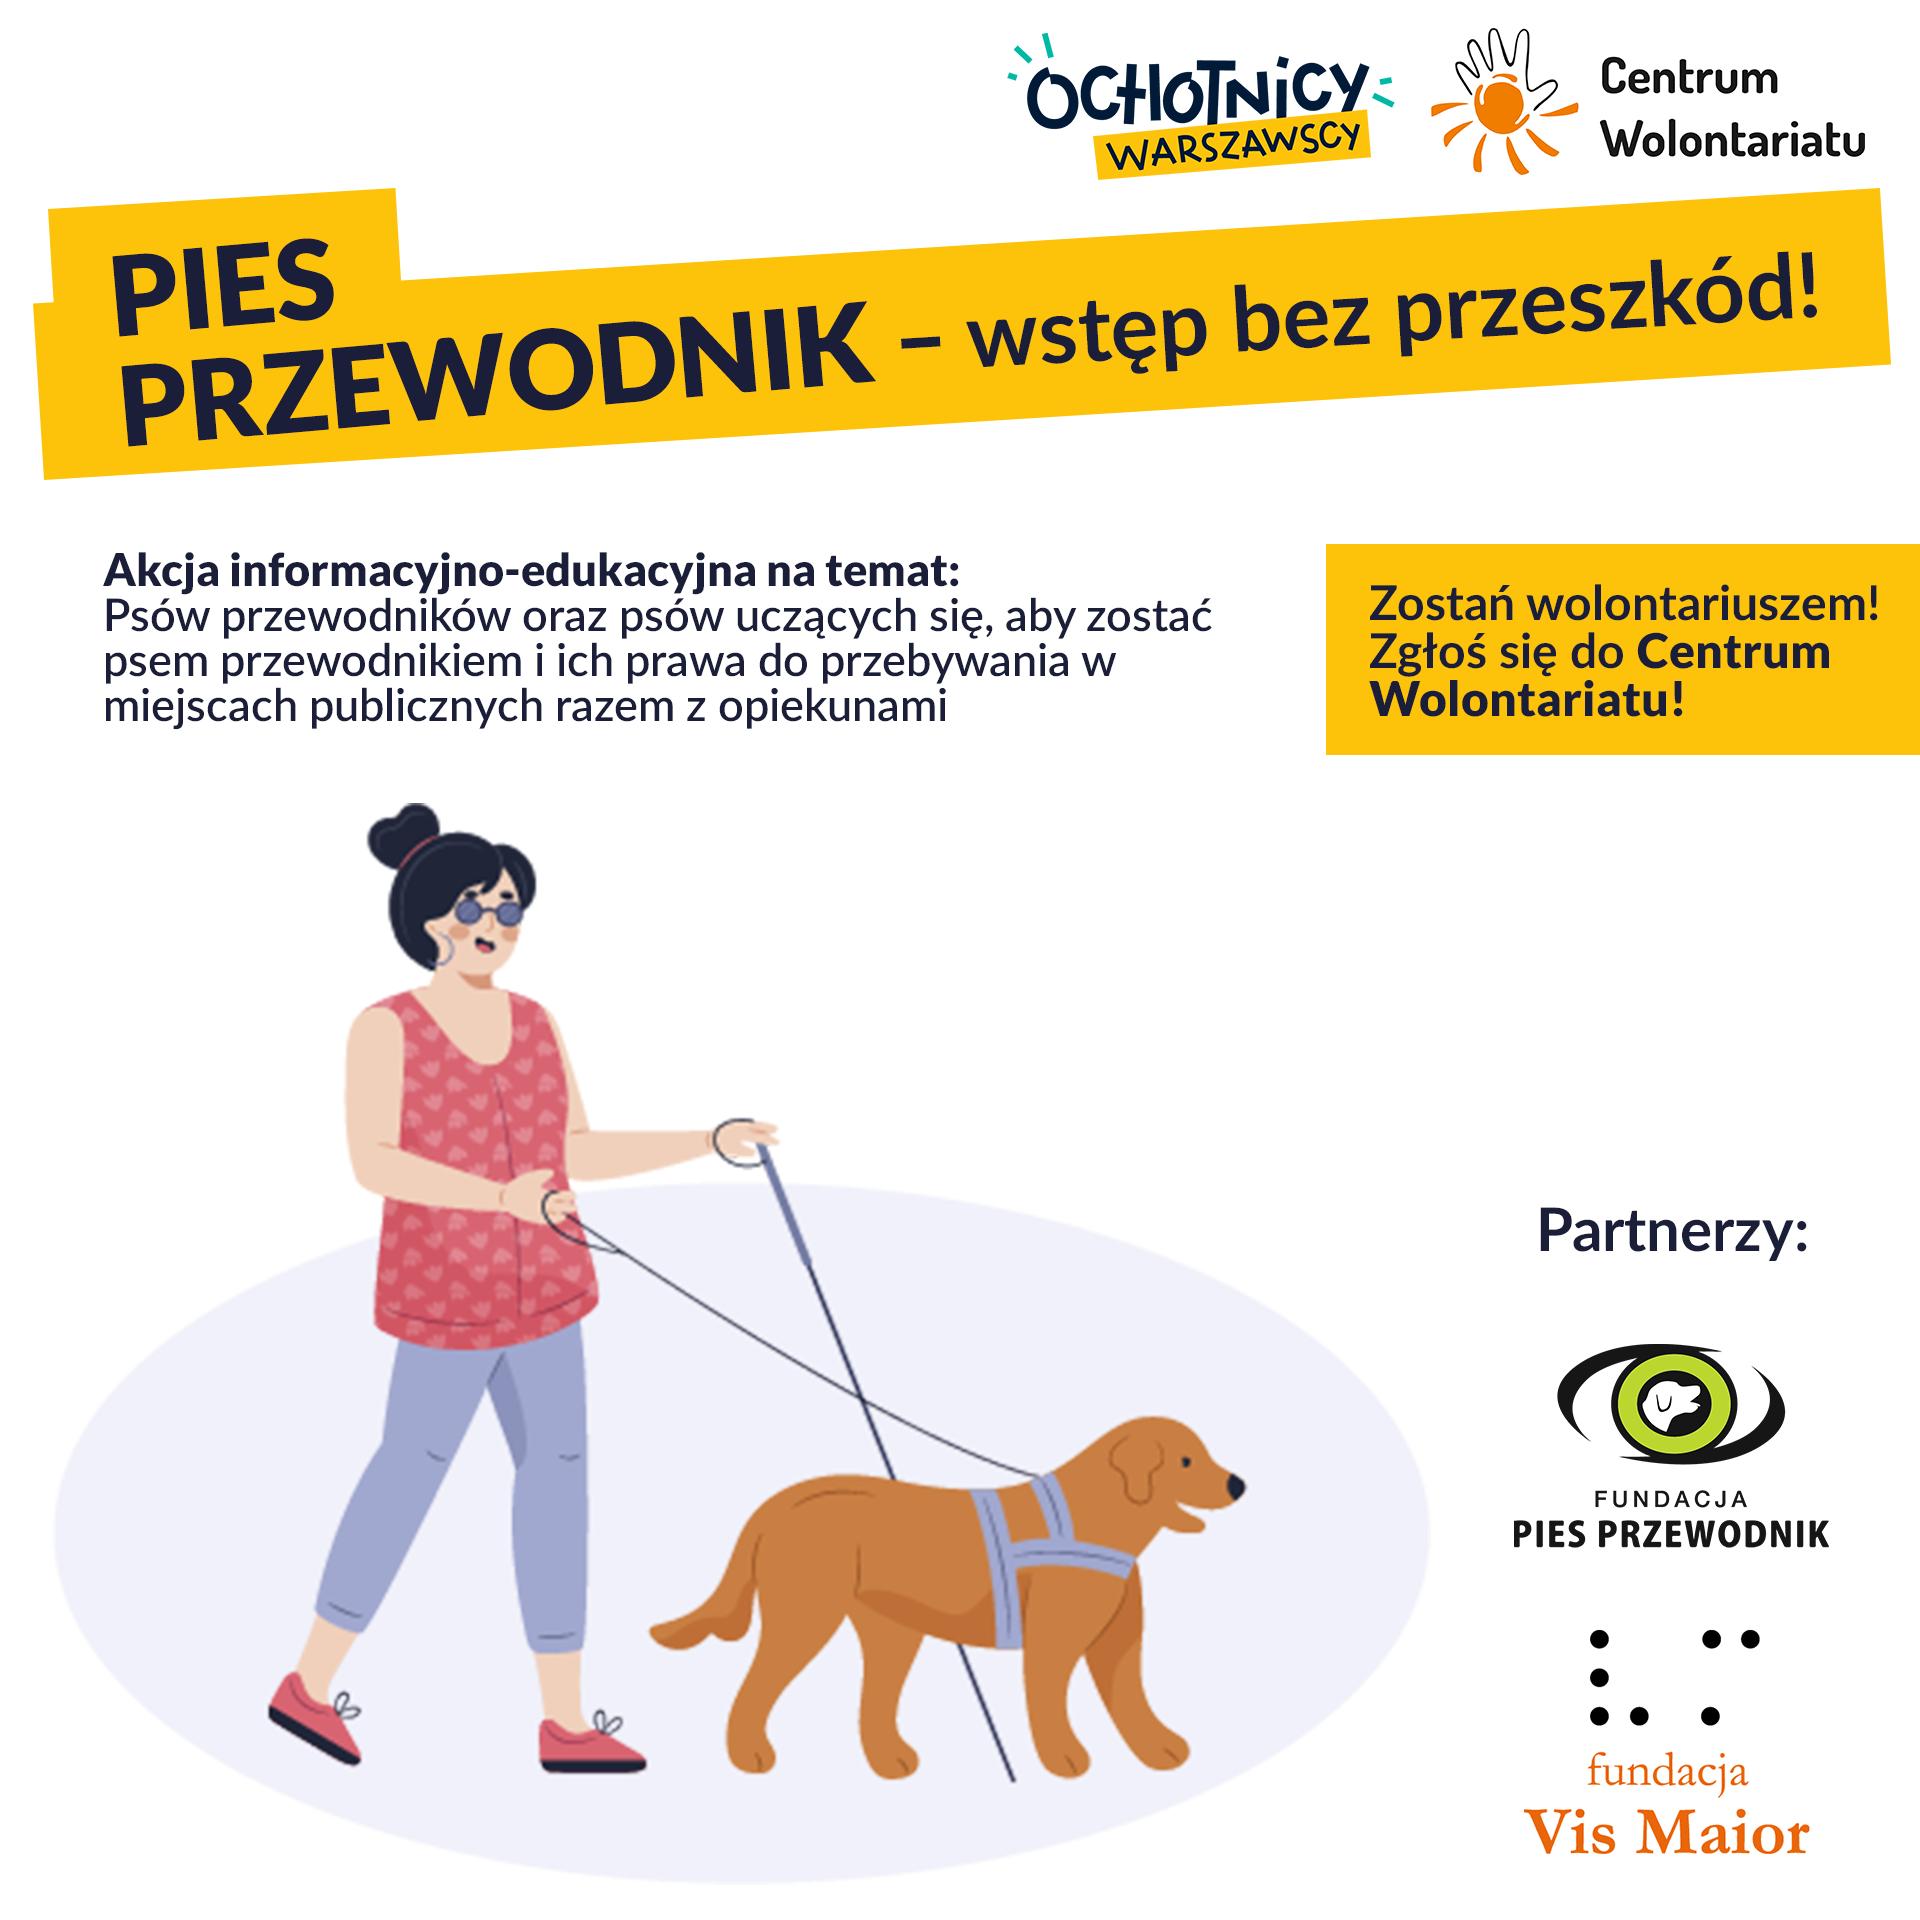 """Festiwal Ochotników Warszawskich – AKCJA WOLONTARIACKA """"PIES PRZEWODNIK – WSTĘP BEZ PRZESZKÓD!"""""""